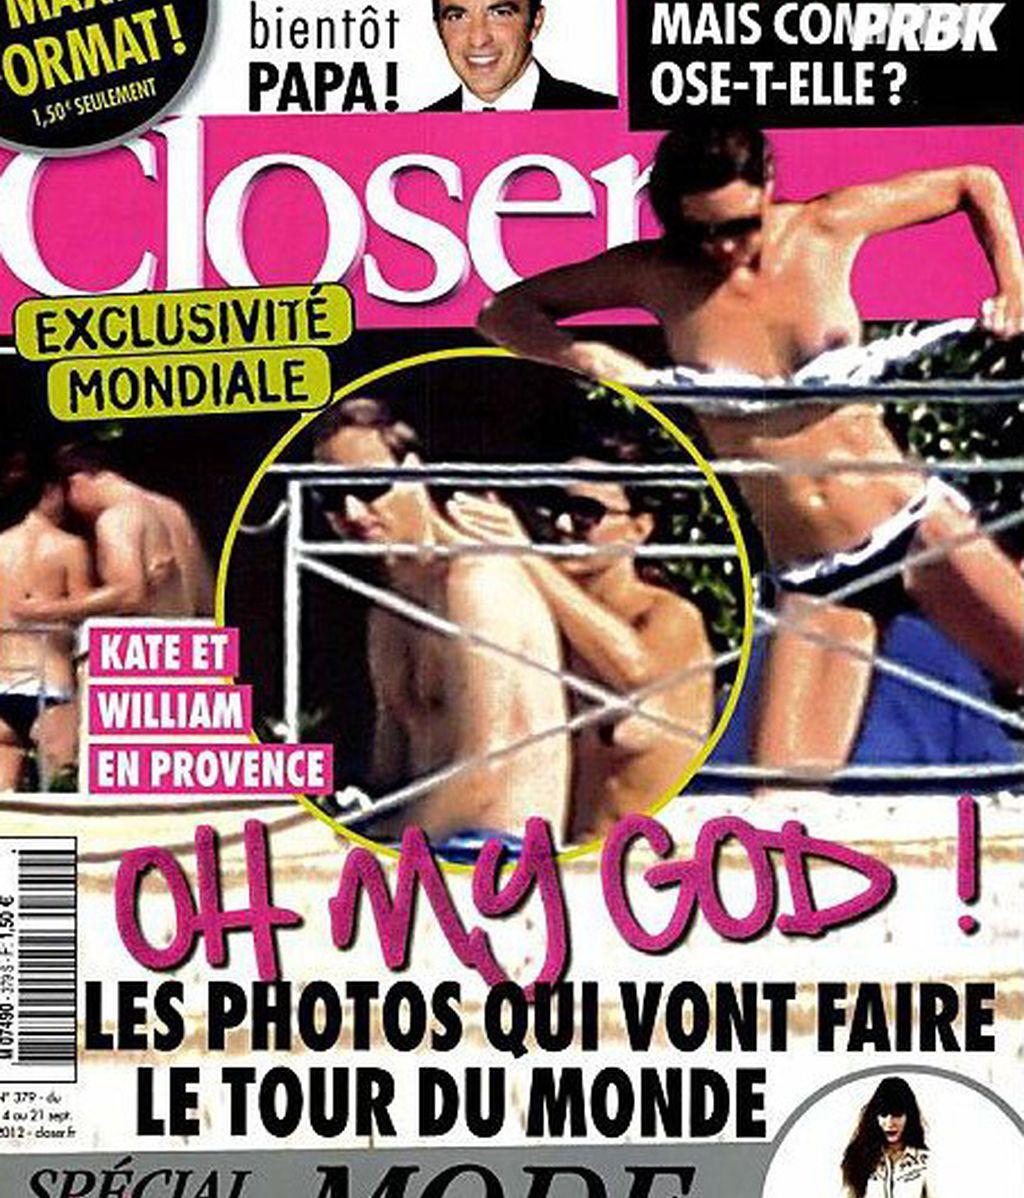 Portada de la revista francesa 'Closer' en la que aparece Kate Middleton haciendo 'topless'